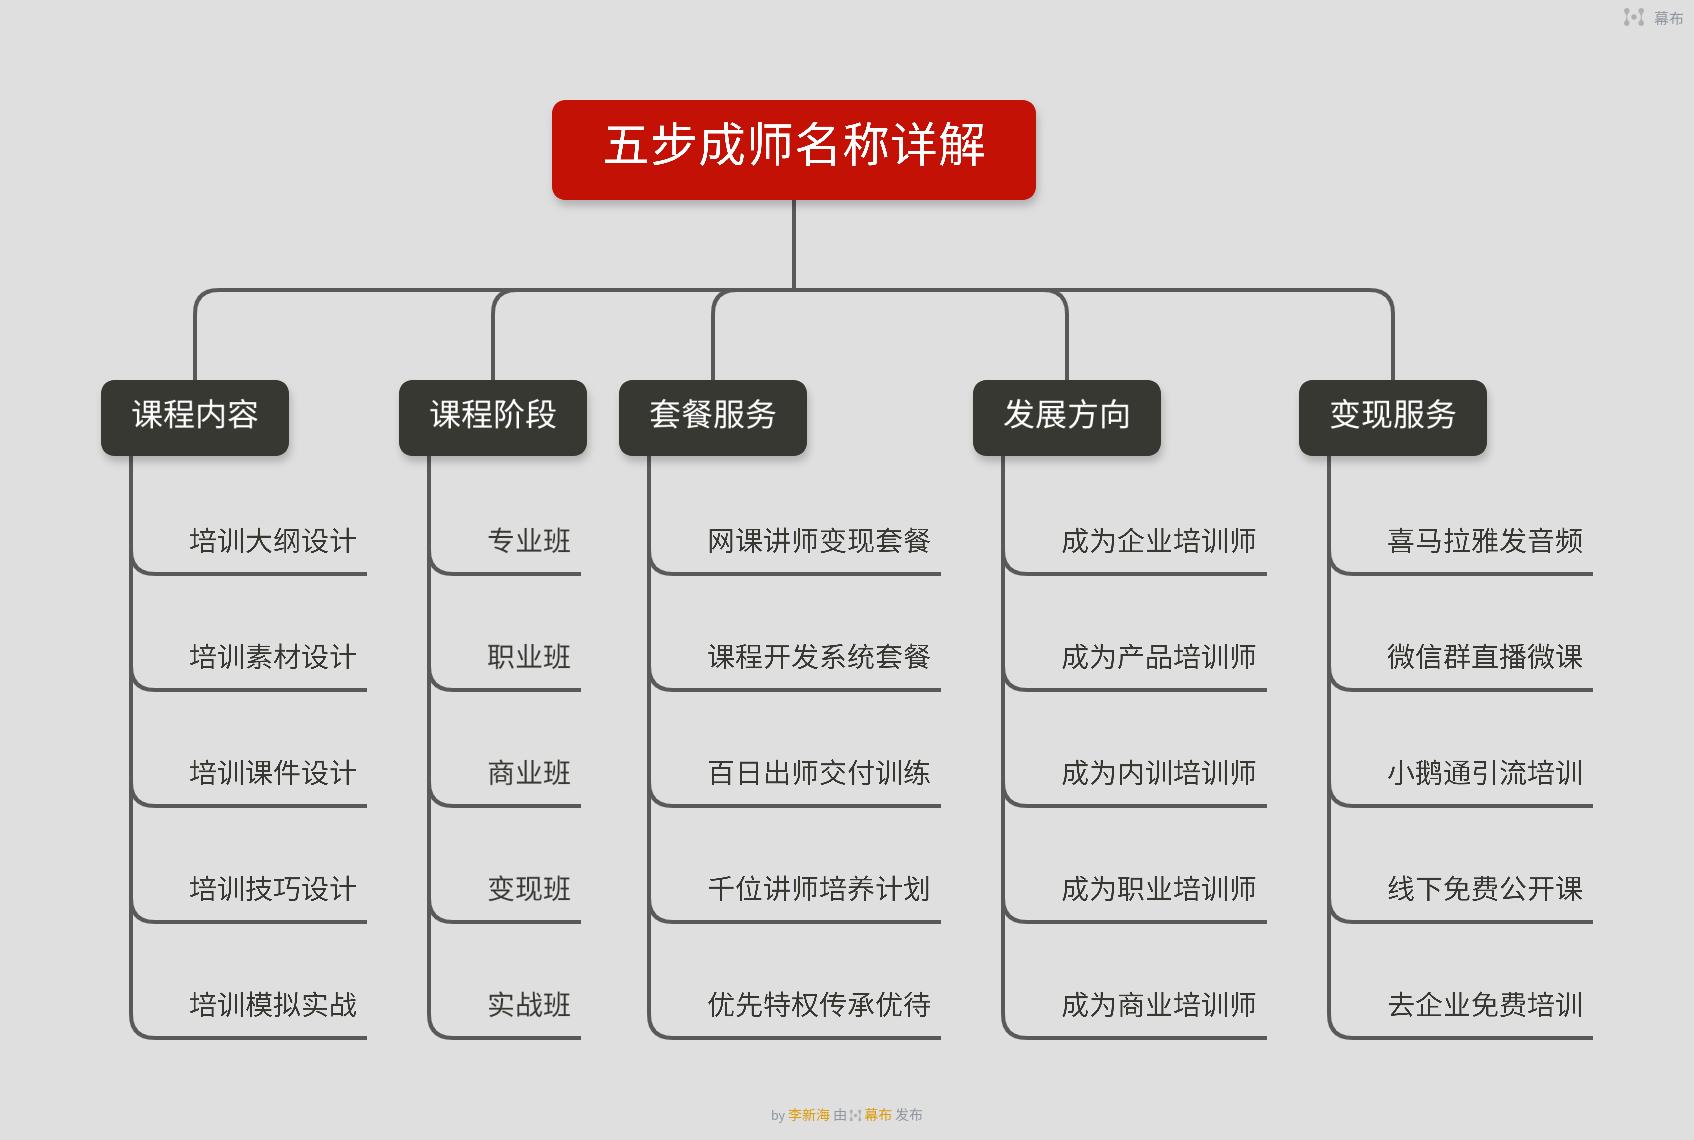 五步成师是什么,是TTT课程吗?如何成为一名<a href=http://www.jiangshi360.com target=_blank class=infotextkey>培训</a>讲师